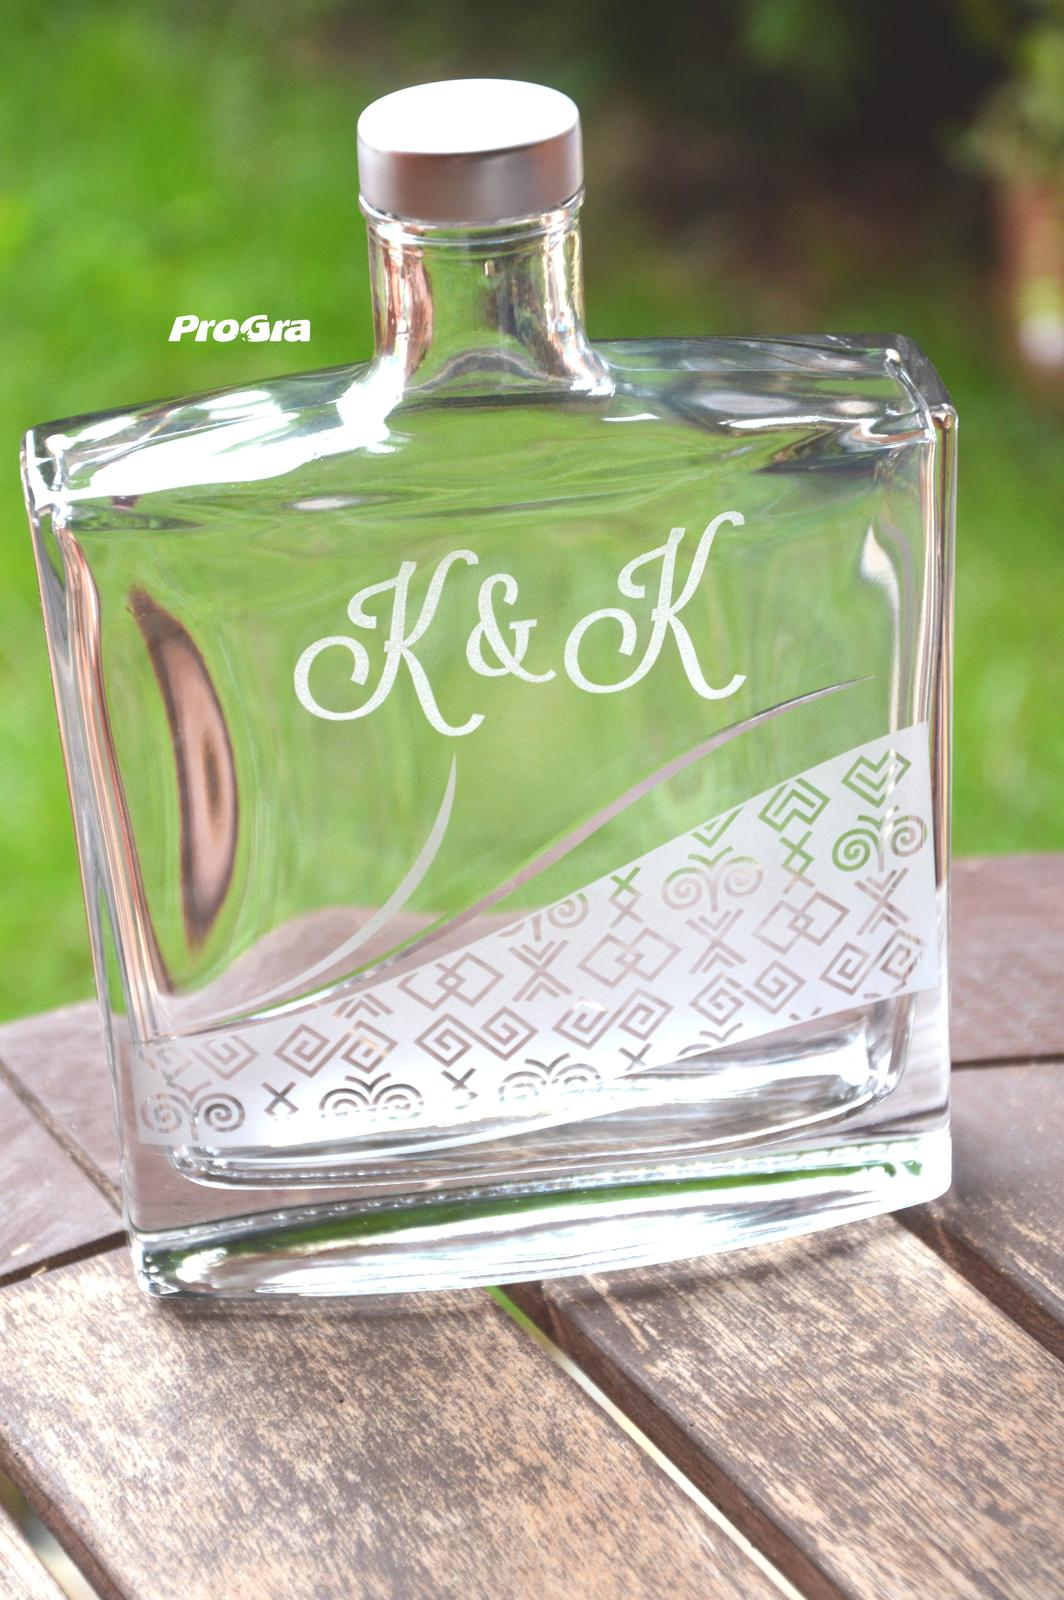 Čičmany set - gravírovaná fľaša + 6 štamprlíkov - Obrázok č. 3